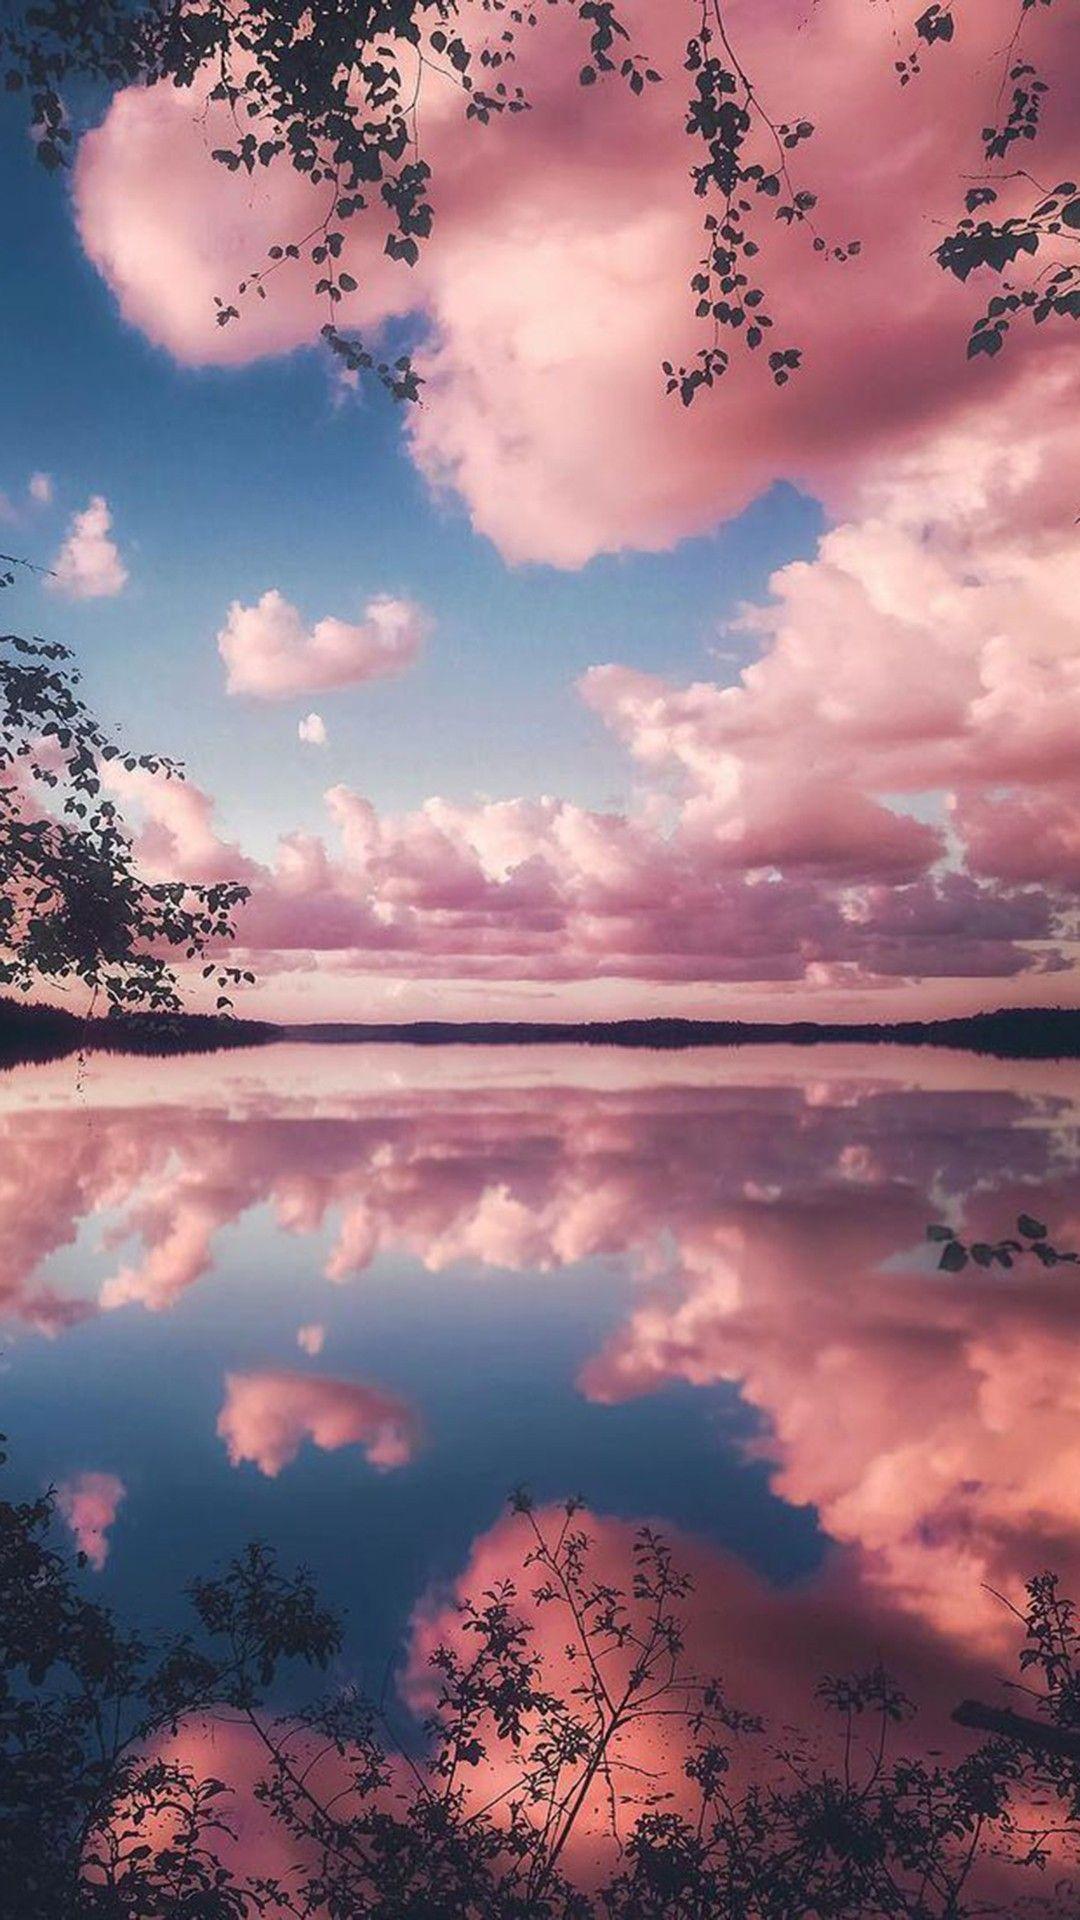 Sfondo Con Nuvole Rosa Immagini Nel 2019 Sfondo Pastello Sfondi